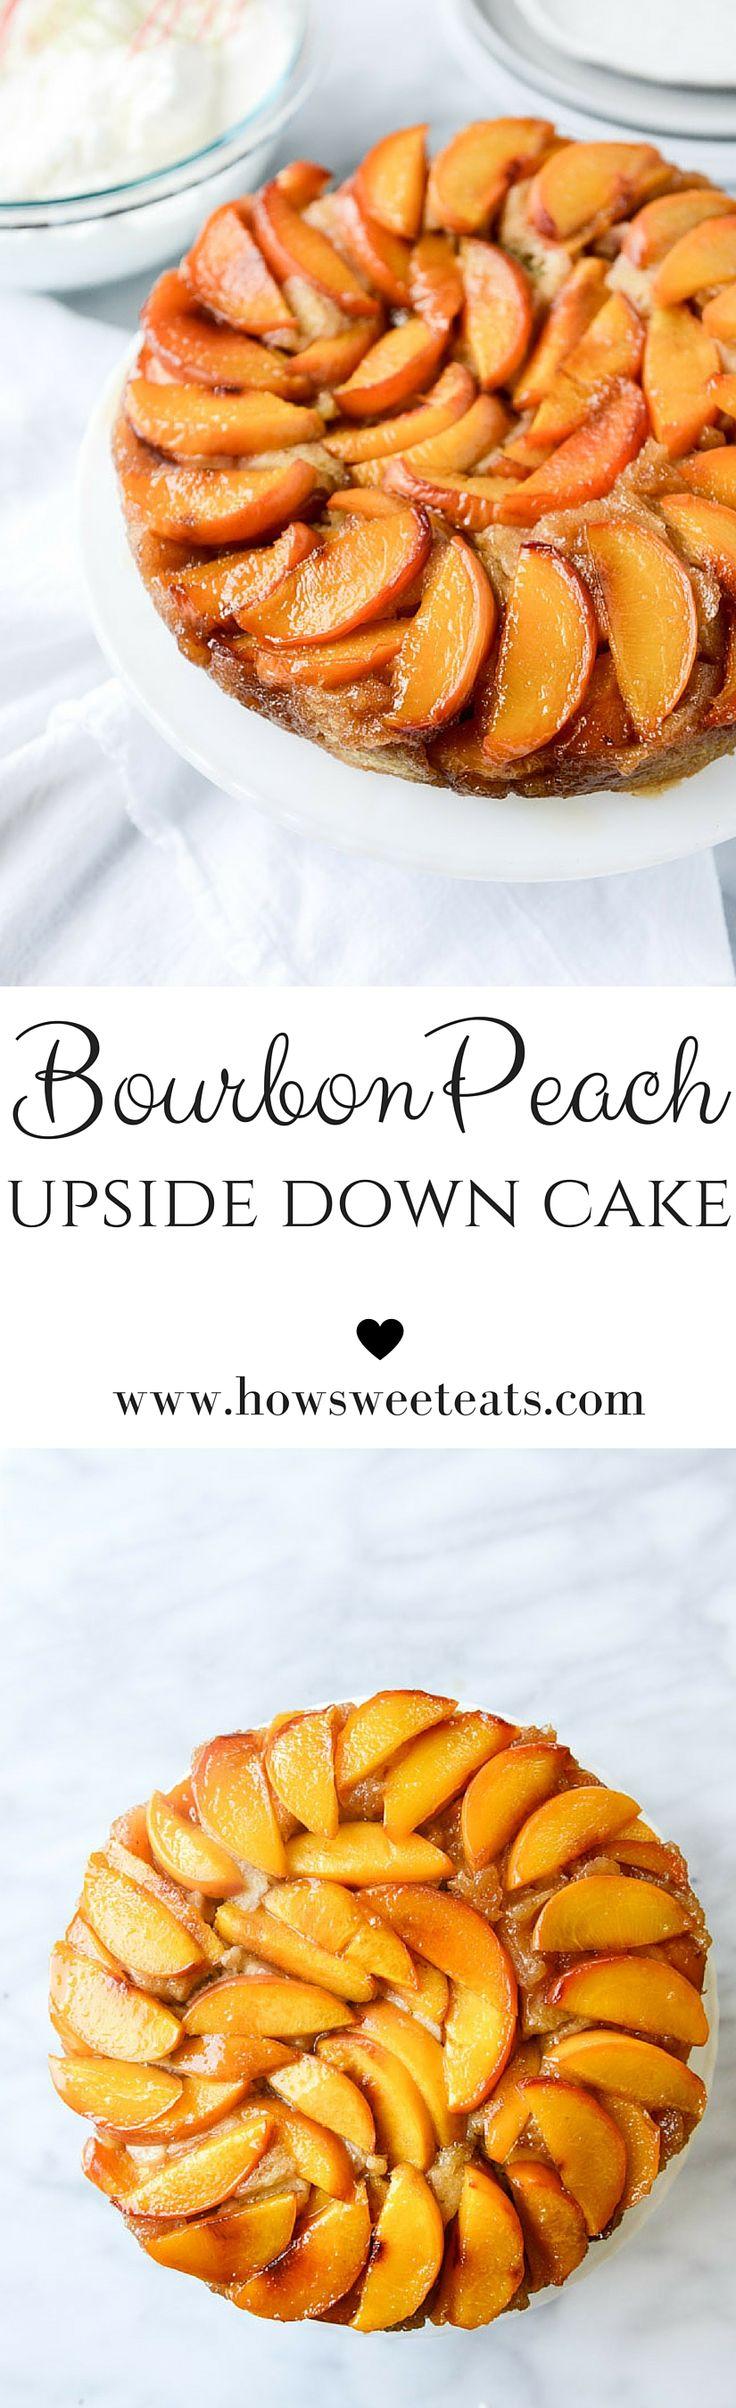 bourbon peach upside down cake by @howsweeteats I howsweeteats.com